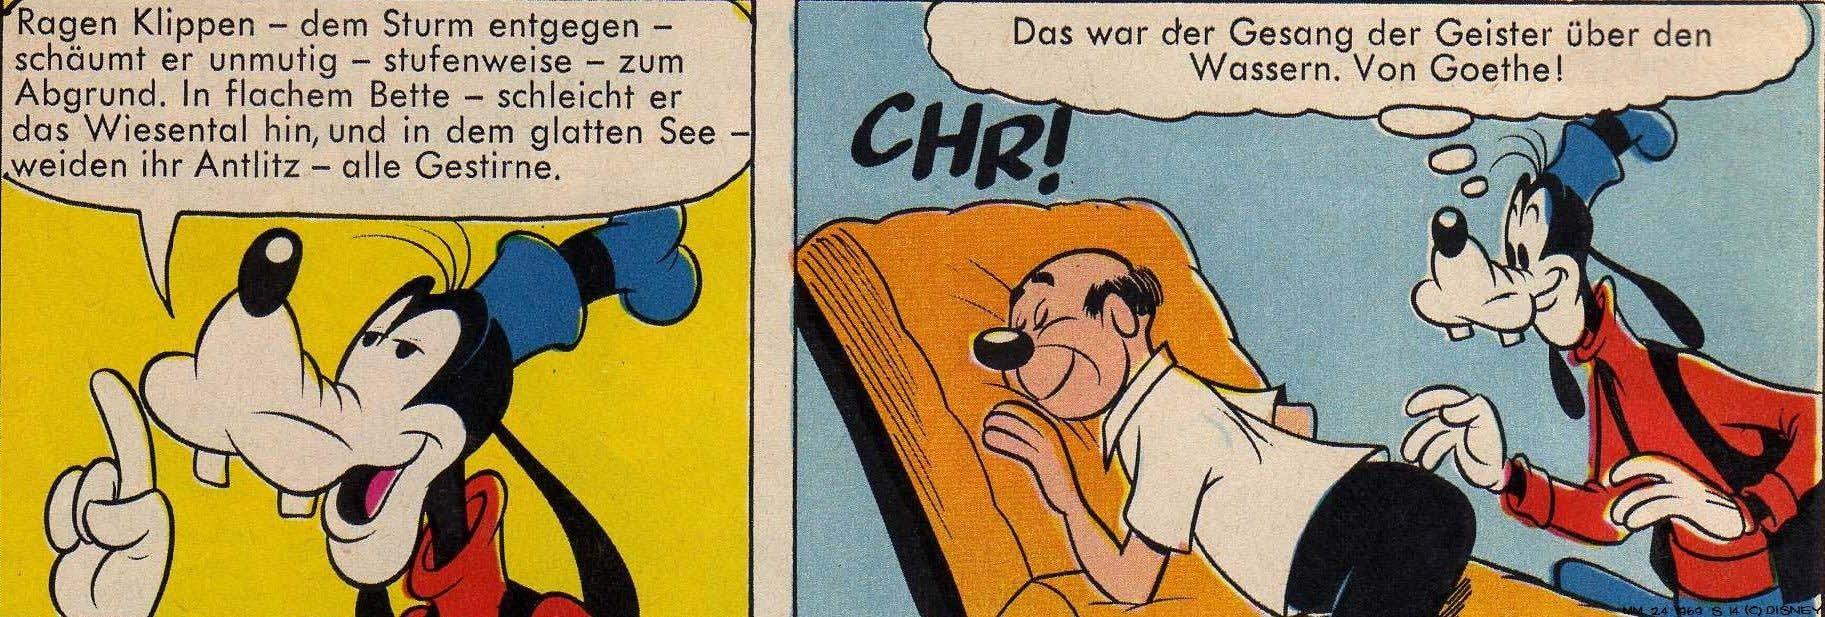 Micky Maus, Lustige Taschenbücher, Goofy zitiert Goethe